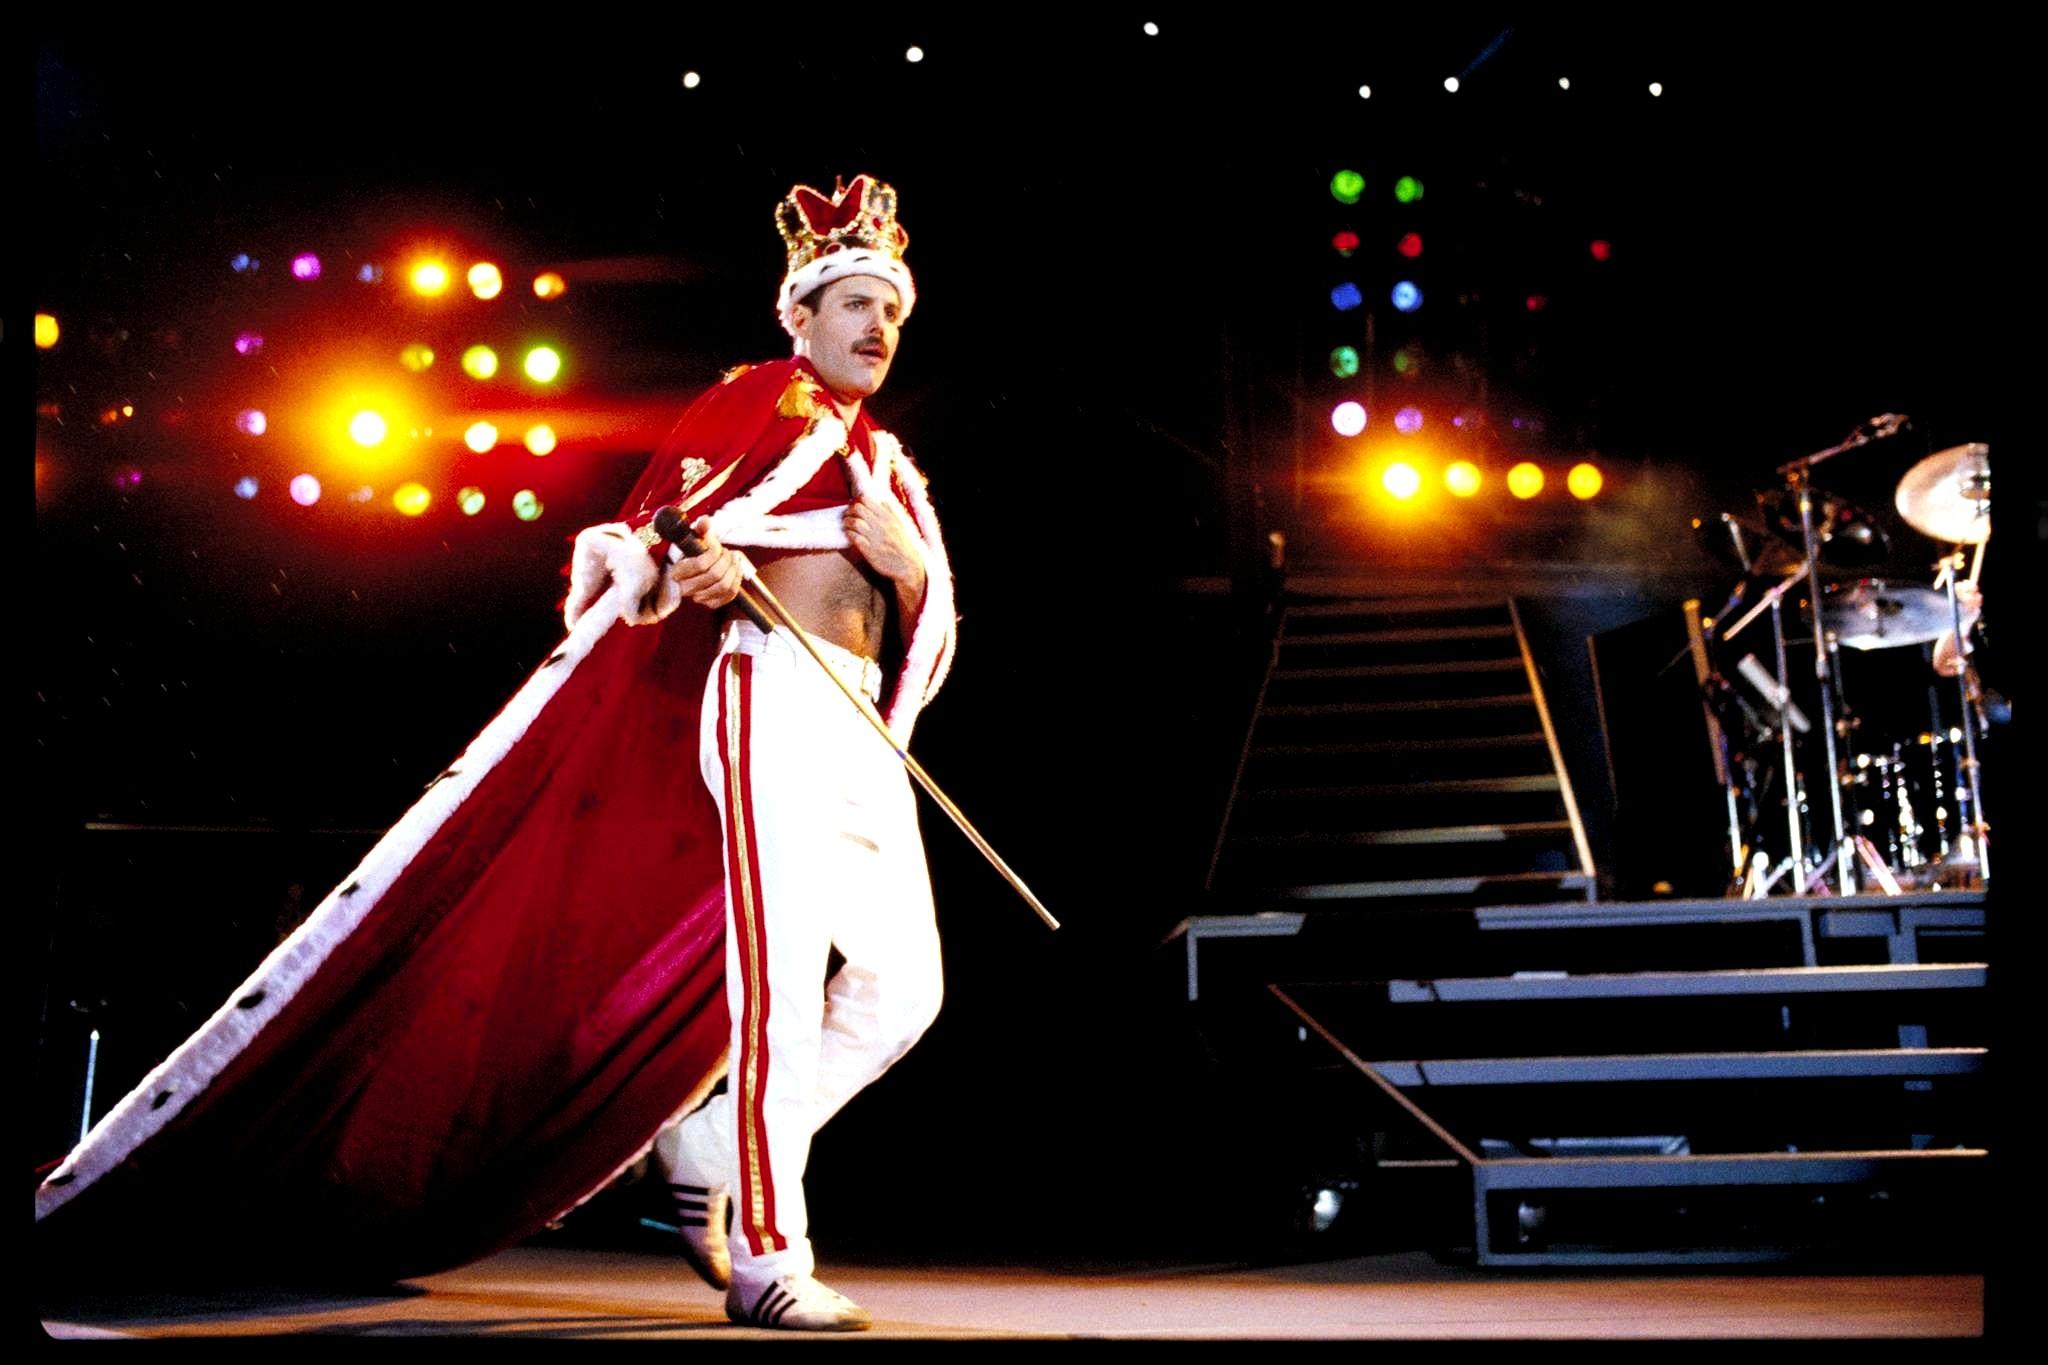 Mercury Hd Wallpaper Freddie Mercury Wallpapers 183 ①